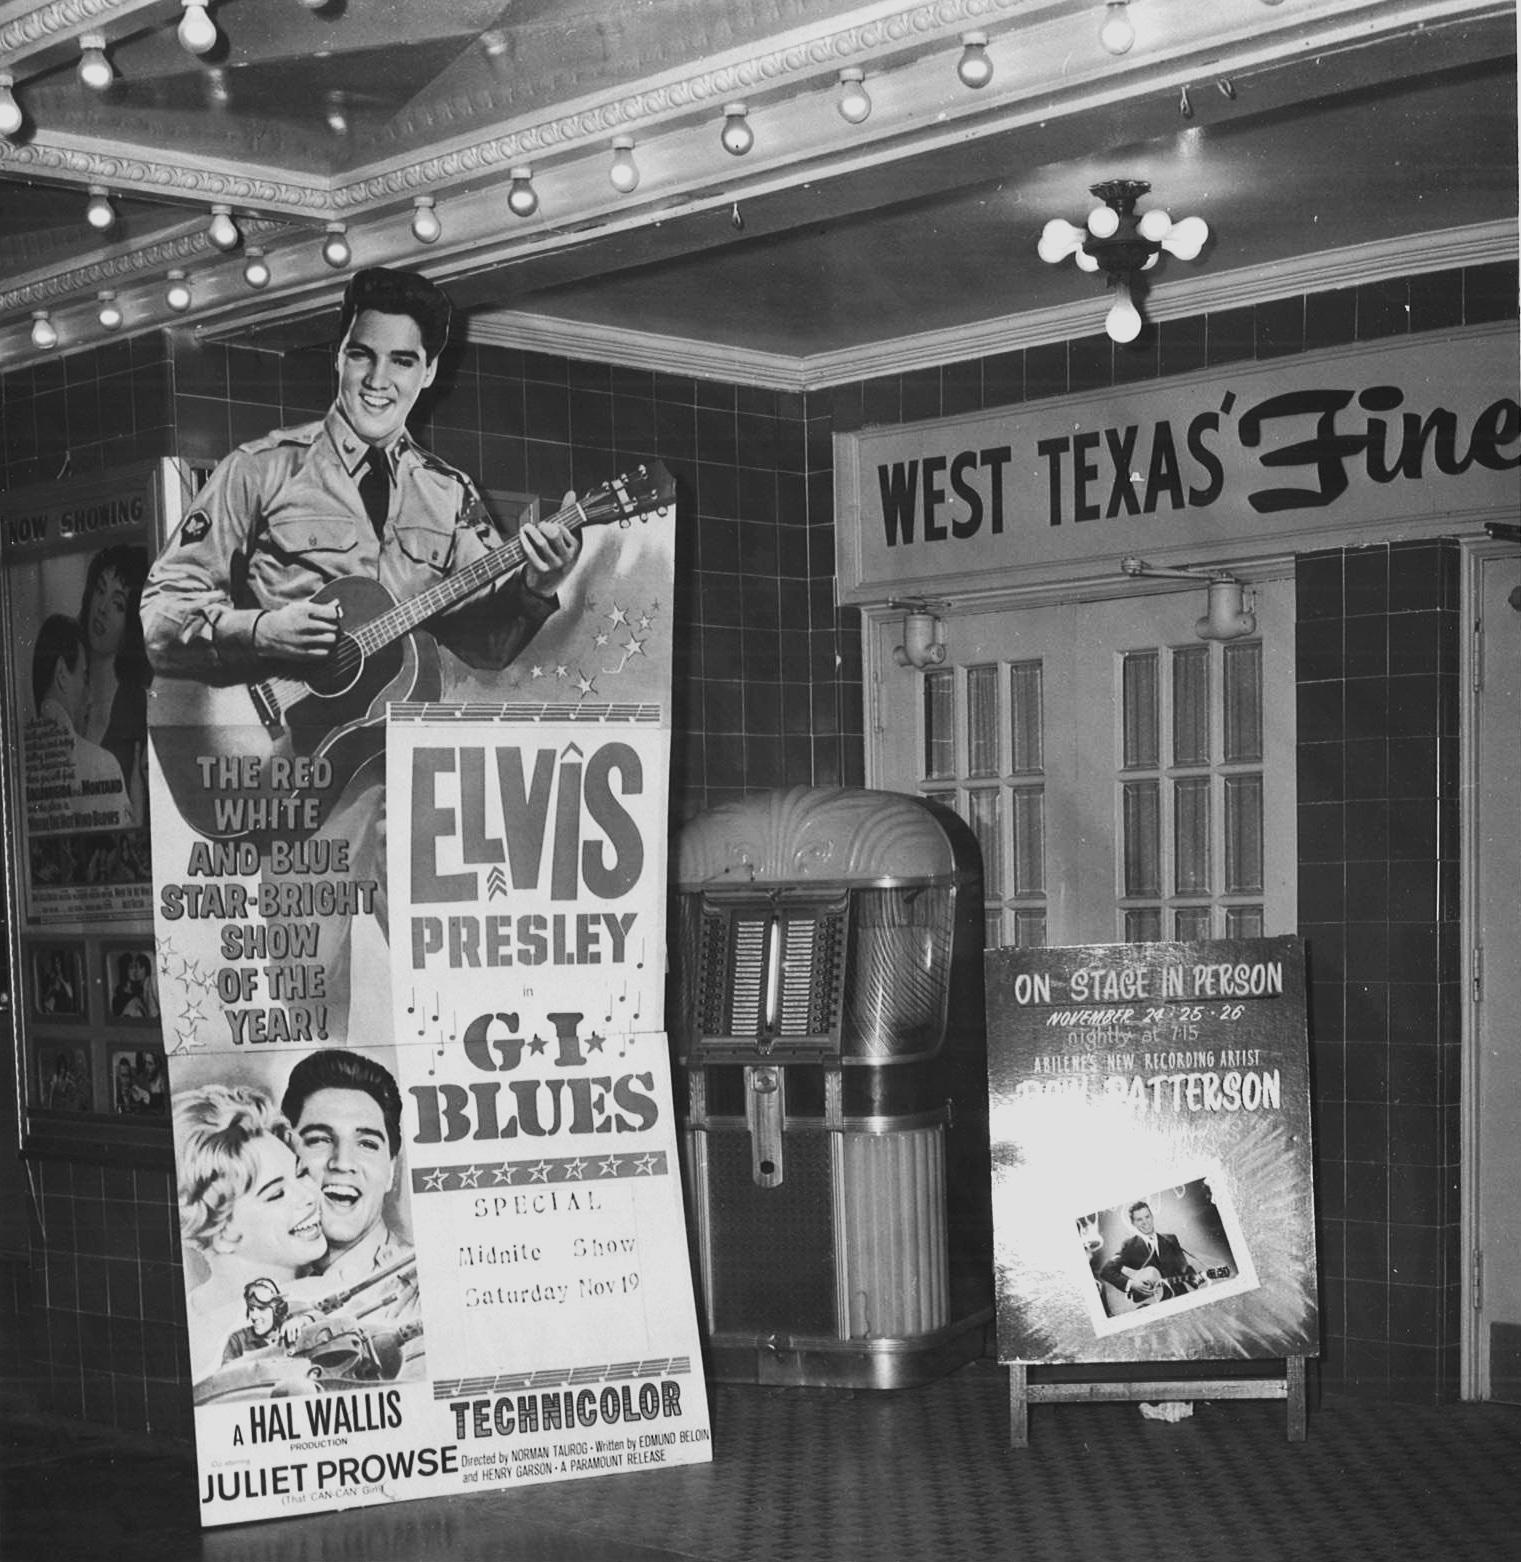 G.I. BLUES (1950)